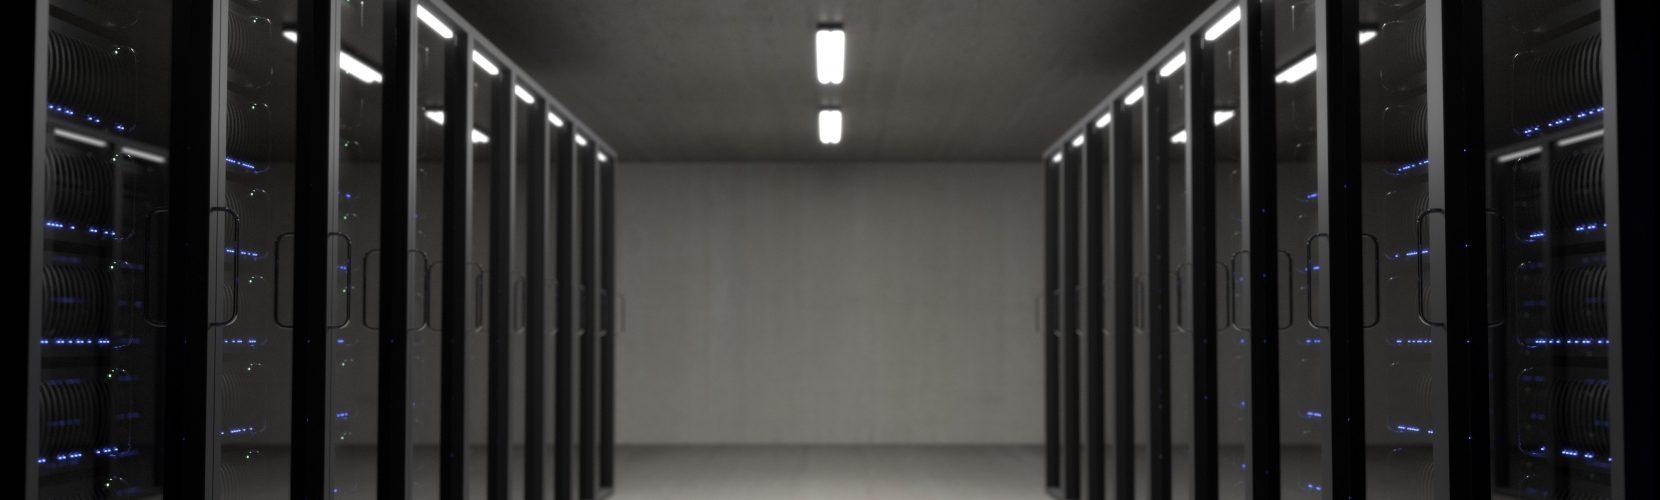 News, Tipps & Aktuelles: Datenschutz